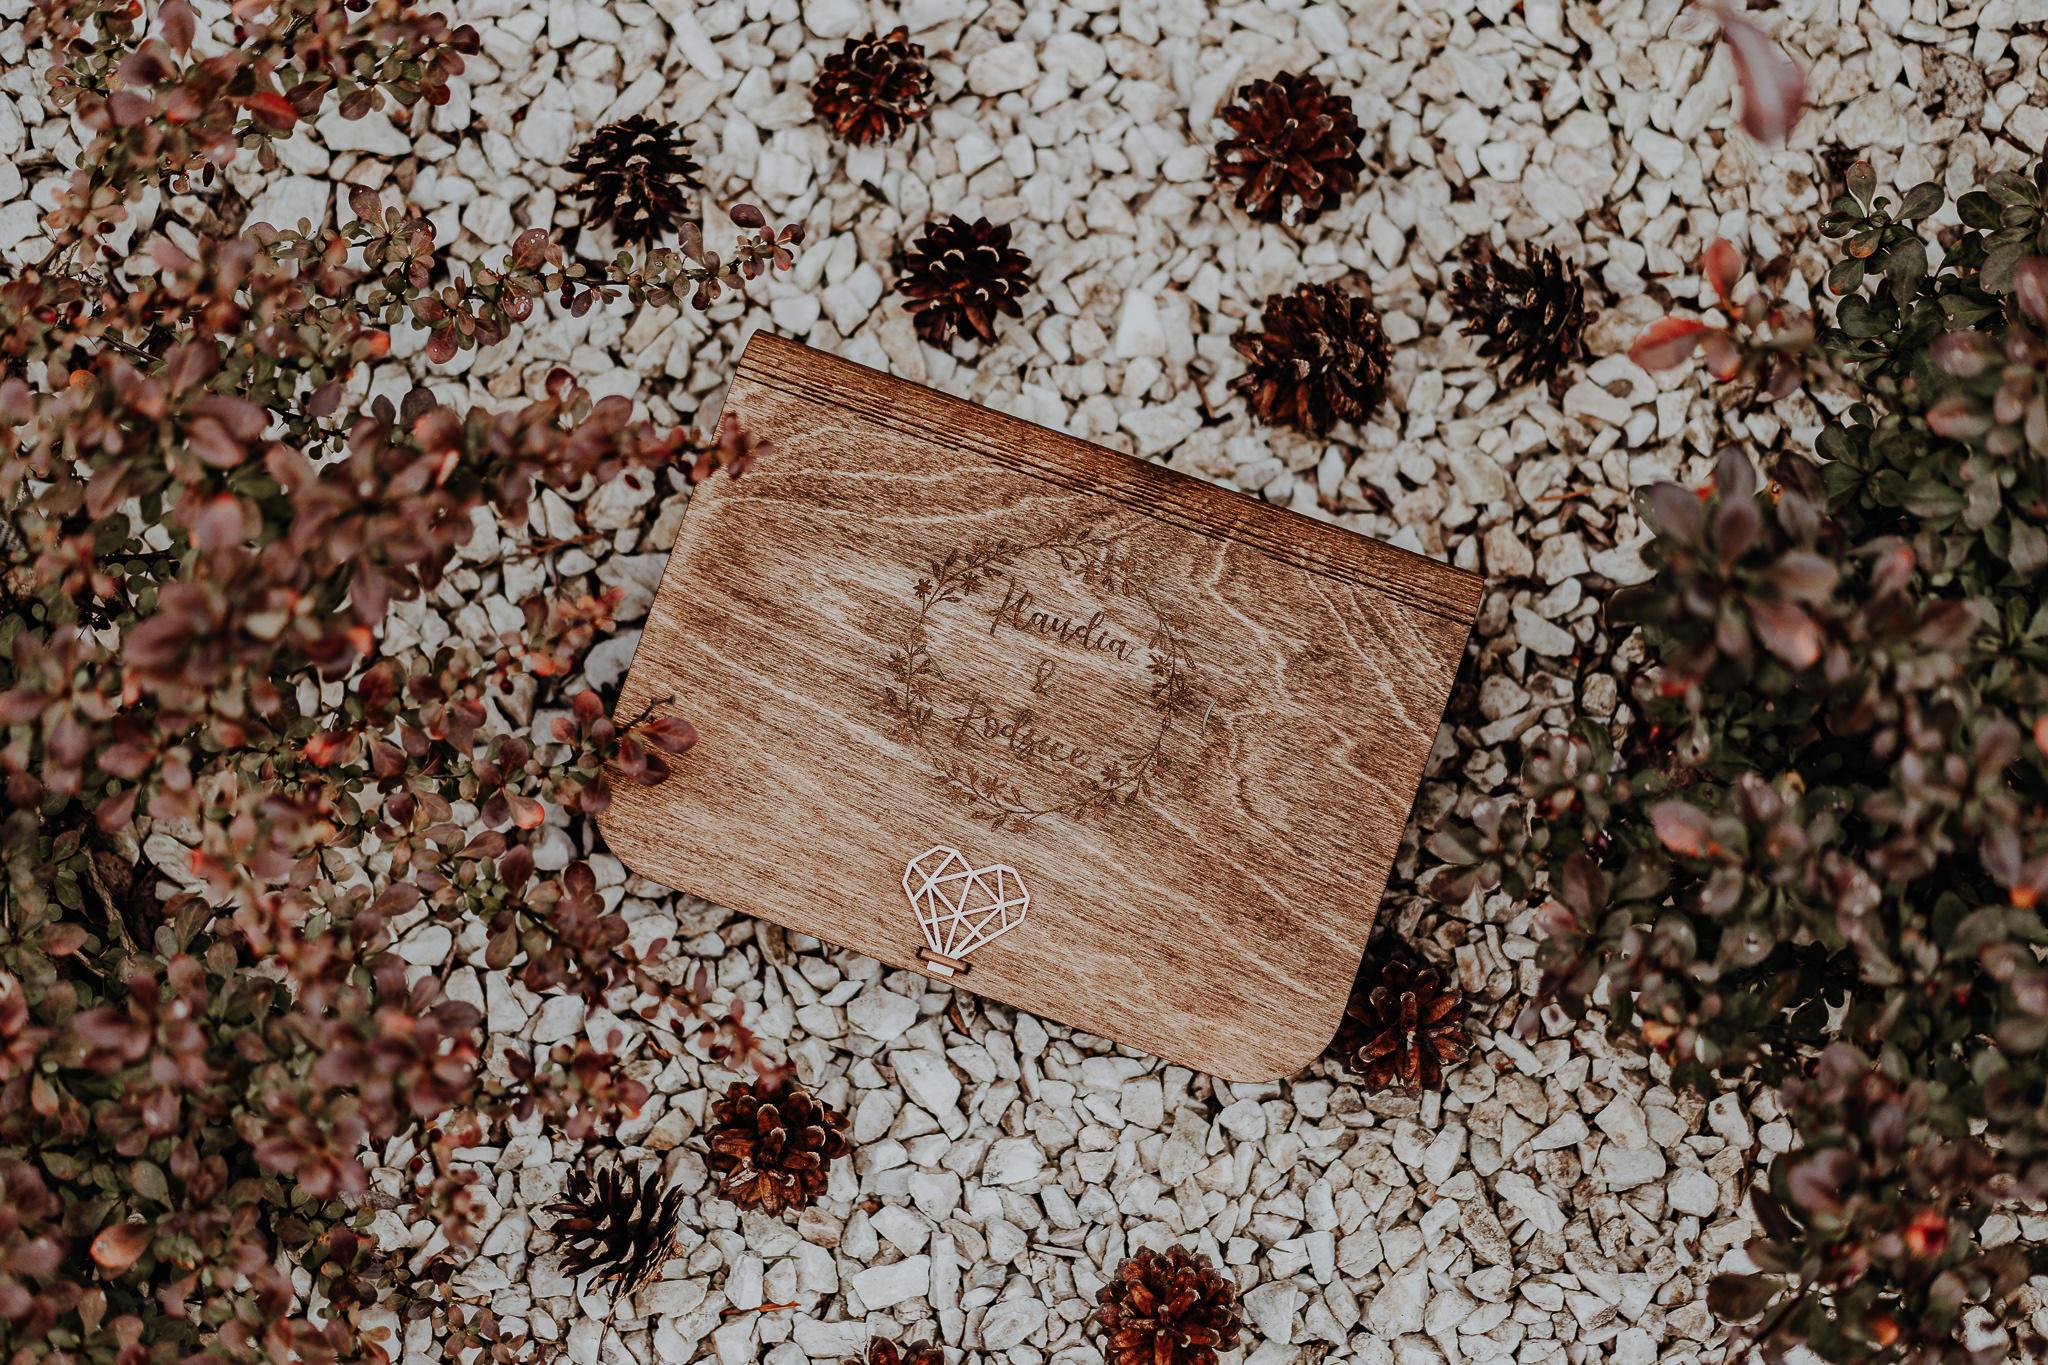 Zdjecia-w-drewnianym-pudelku-orlowski-photo-zdjecie-00028